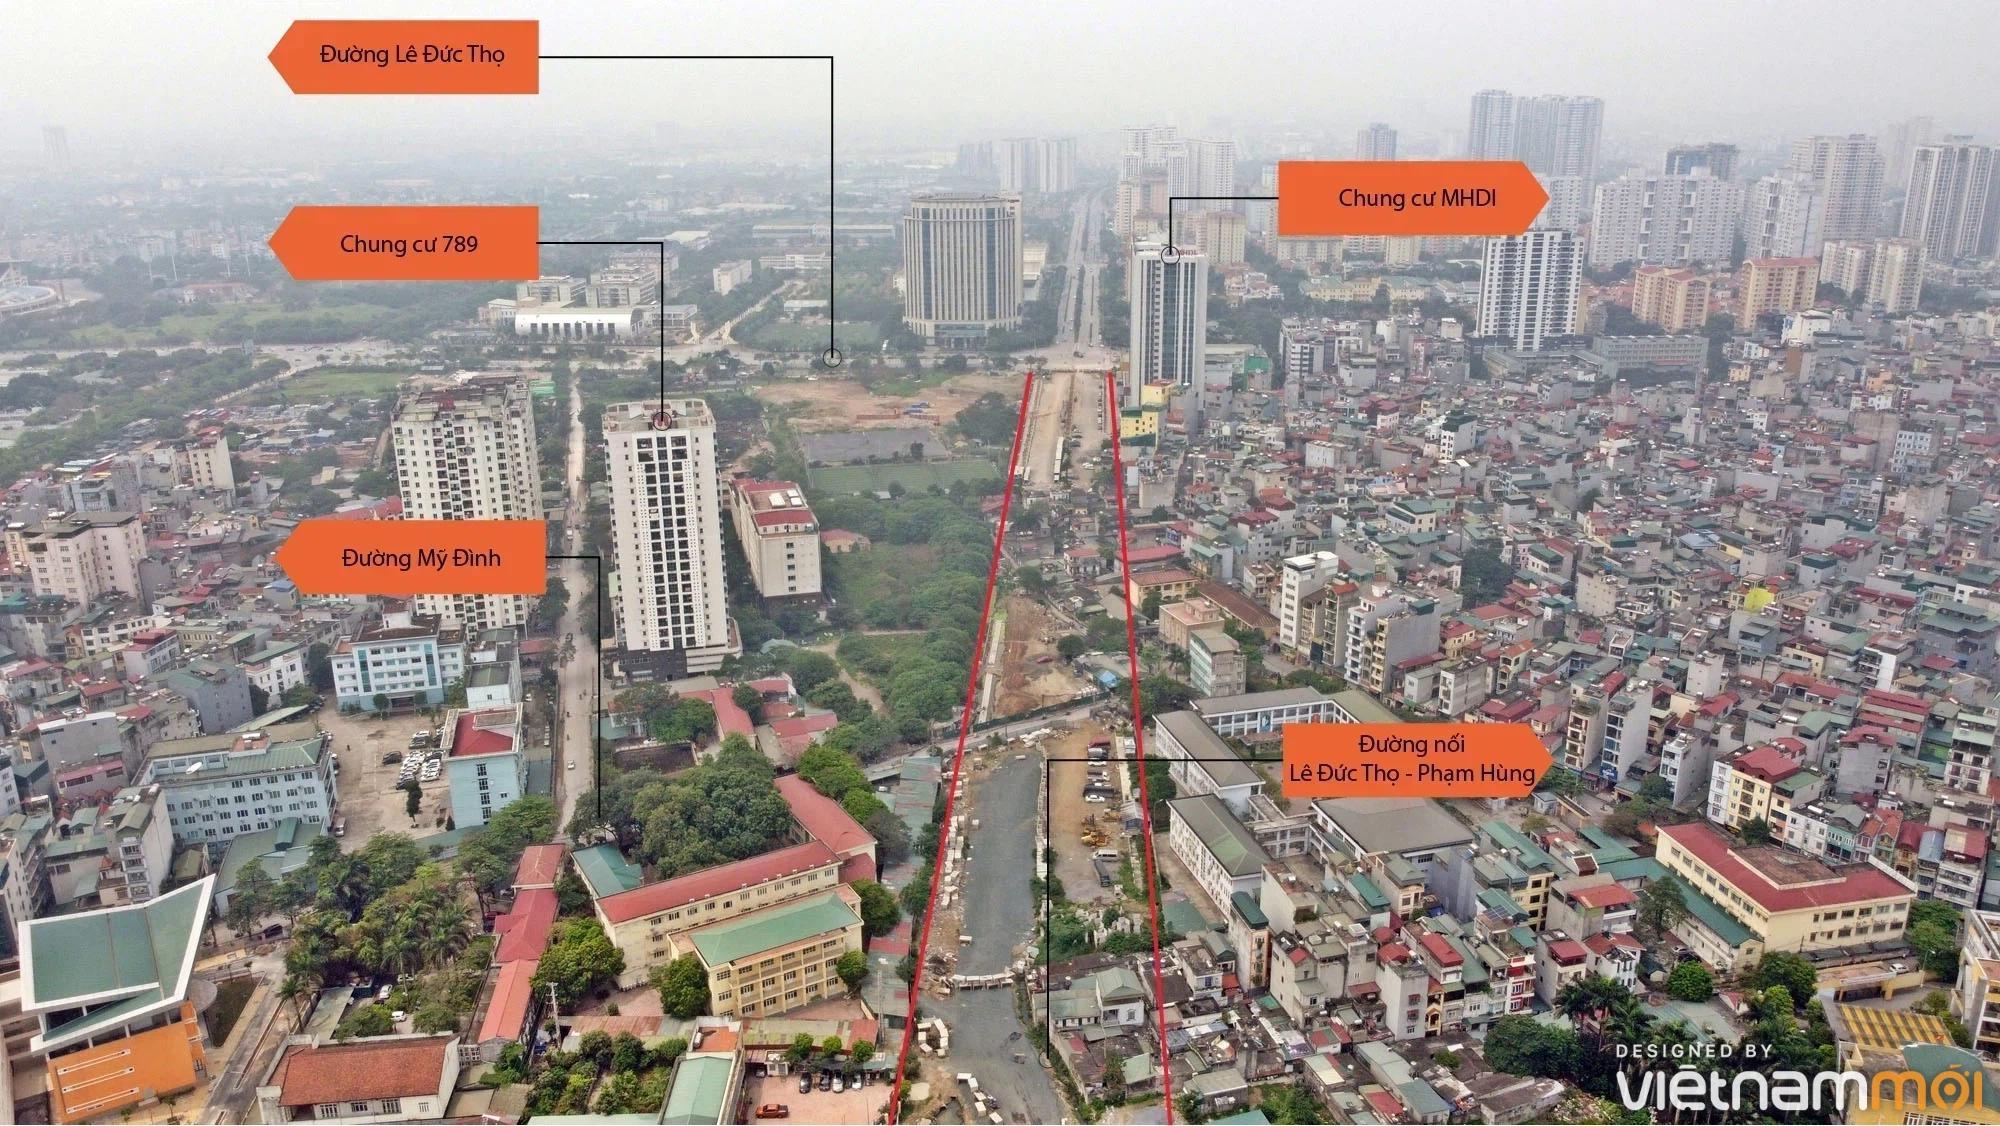 Toàn cảnh đường nối Lê Đức Thọ - Phạm Hùng đang mở theo quy hoạch ở Hà Nội - Ảnh 6.